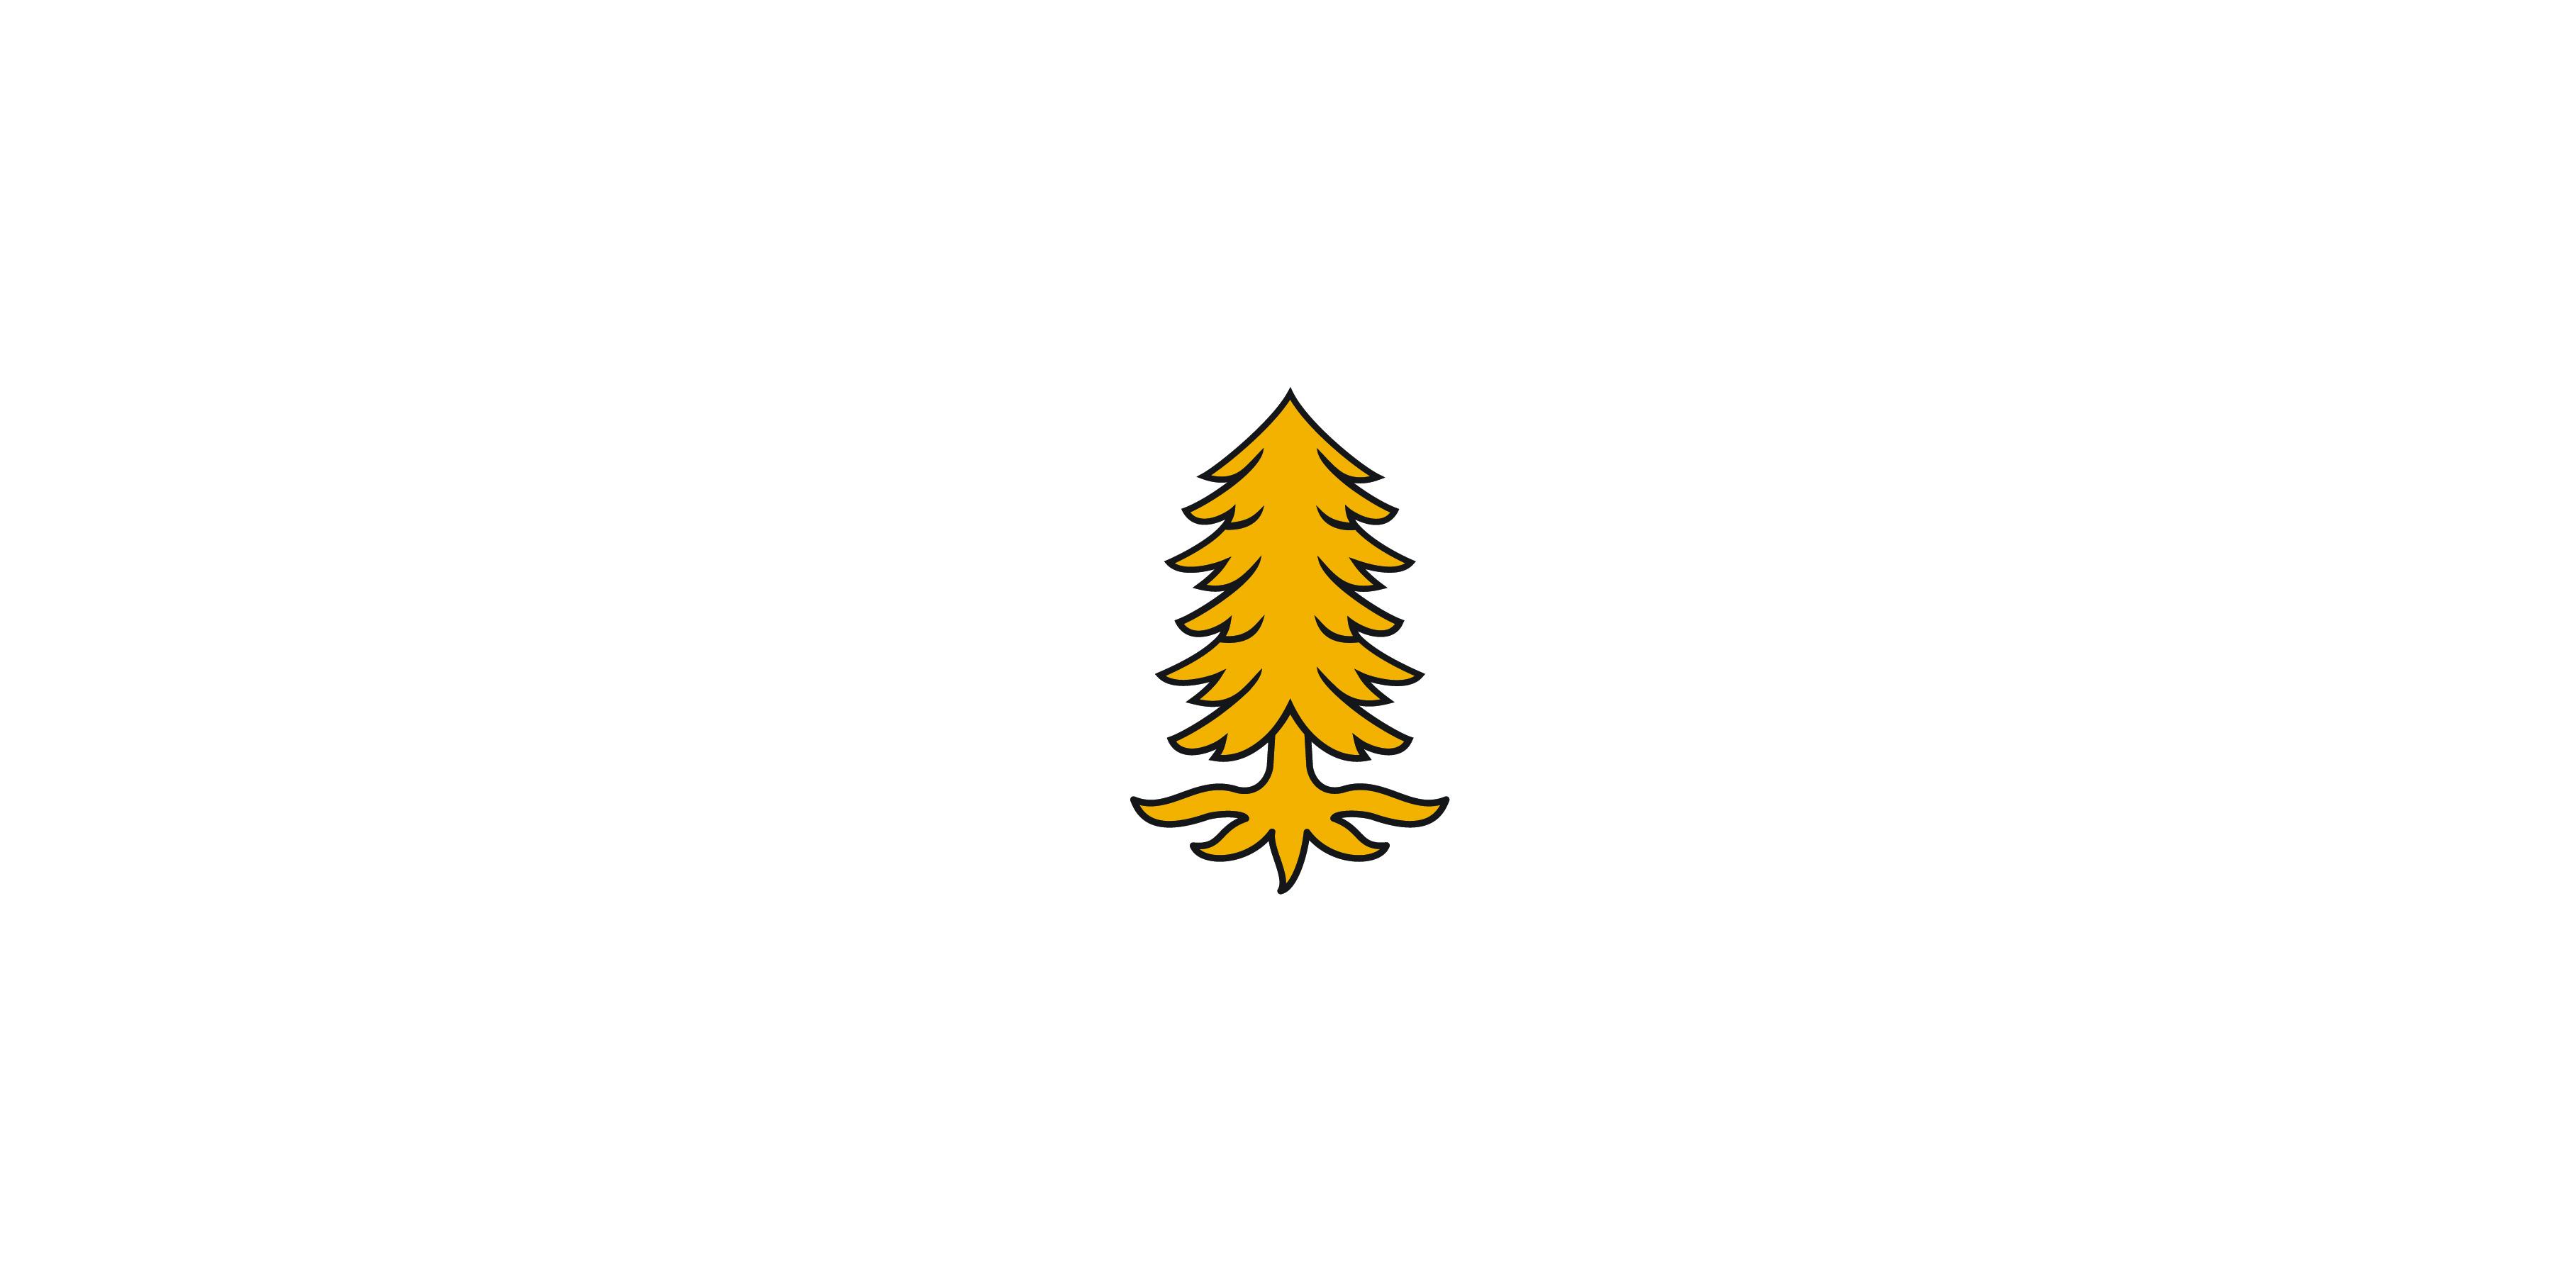 L'emblème du pin blanc